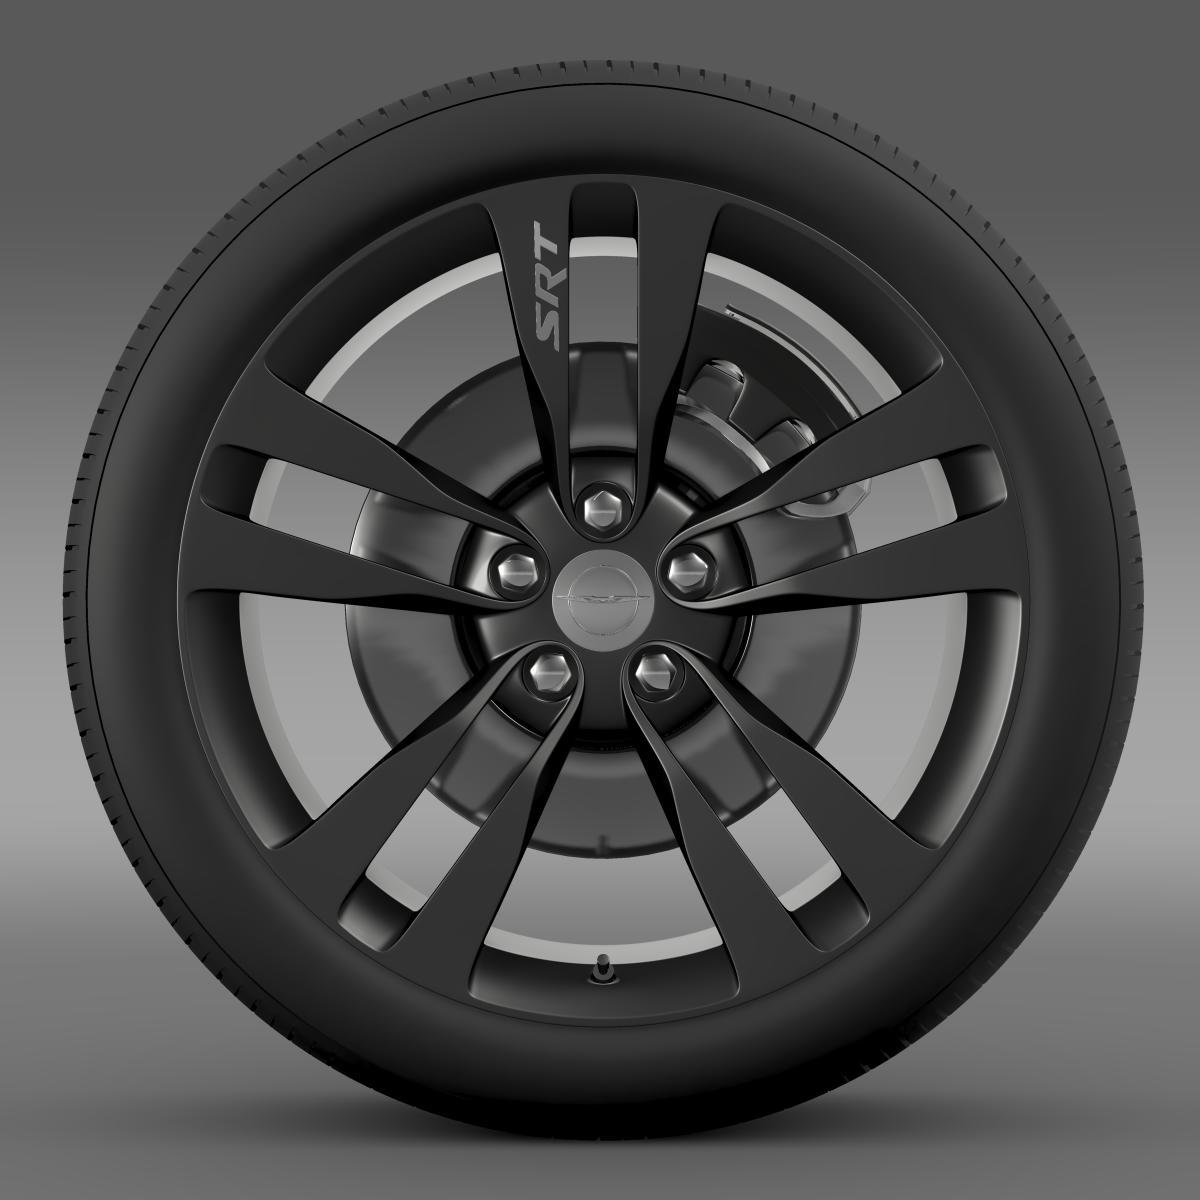 chrysler 300 srt8 satin vapor wheel 3d model 3ds max fbx c4d lwo ma mb hrc xsi obj 210641